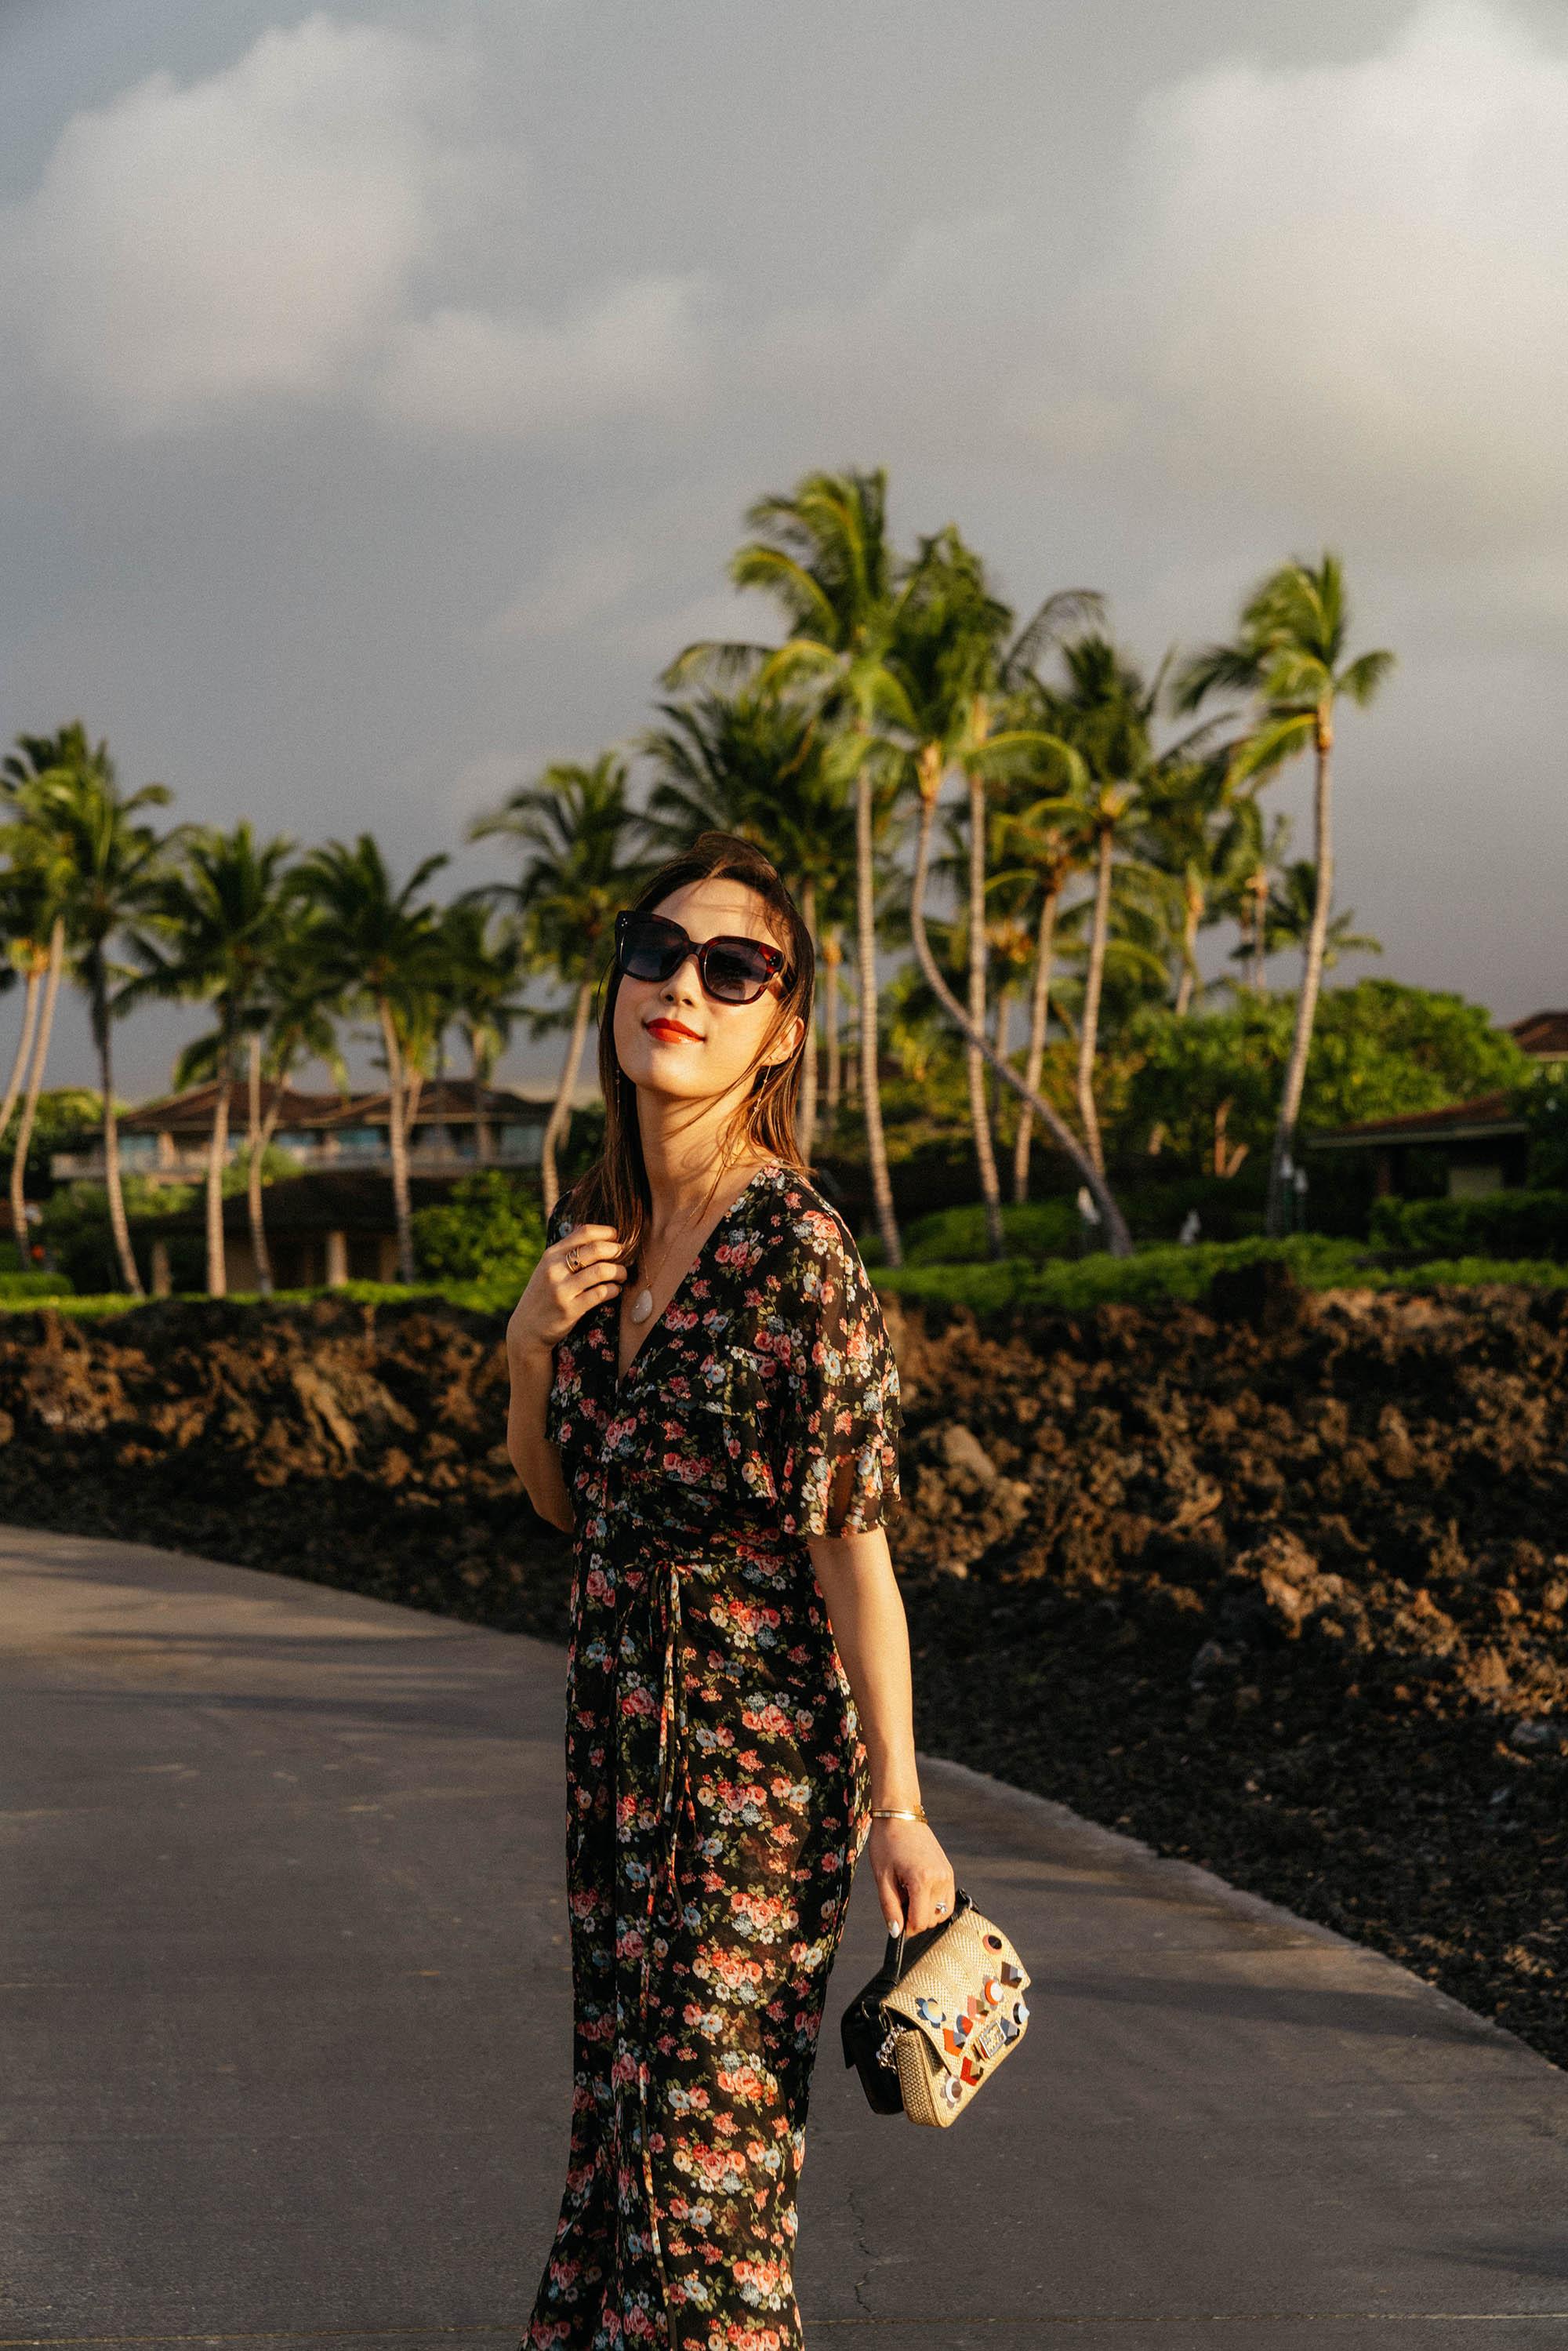 Barneys New York Dress ,  Yvonne Kone Sandals , Fendi Bag,  Celine Sunglasses